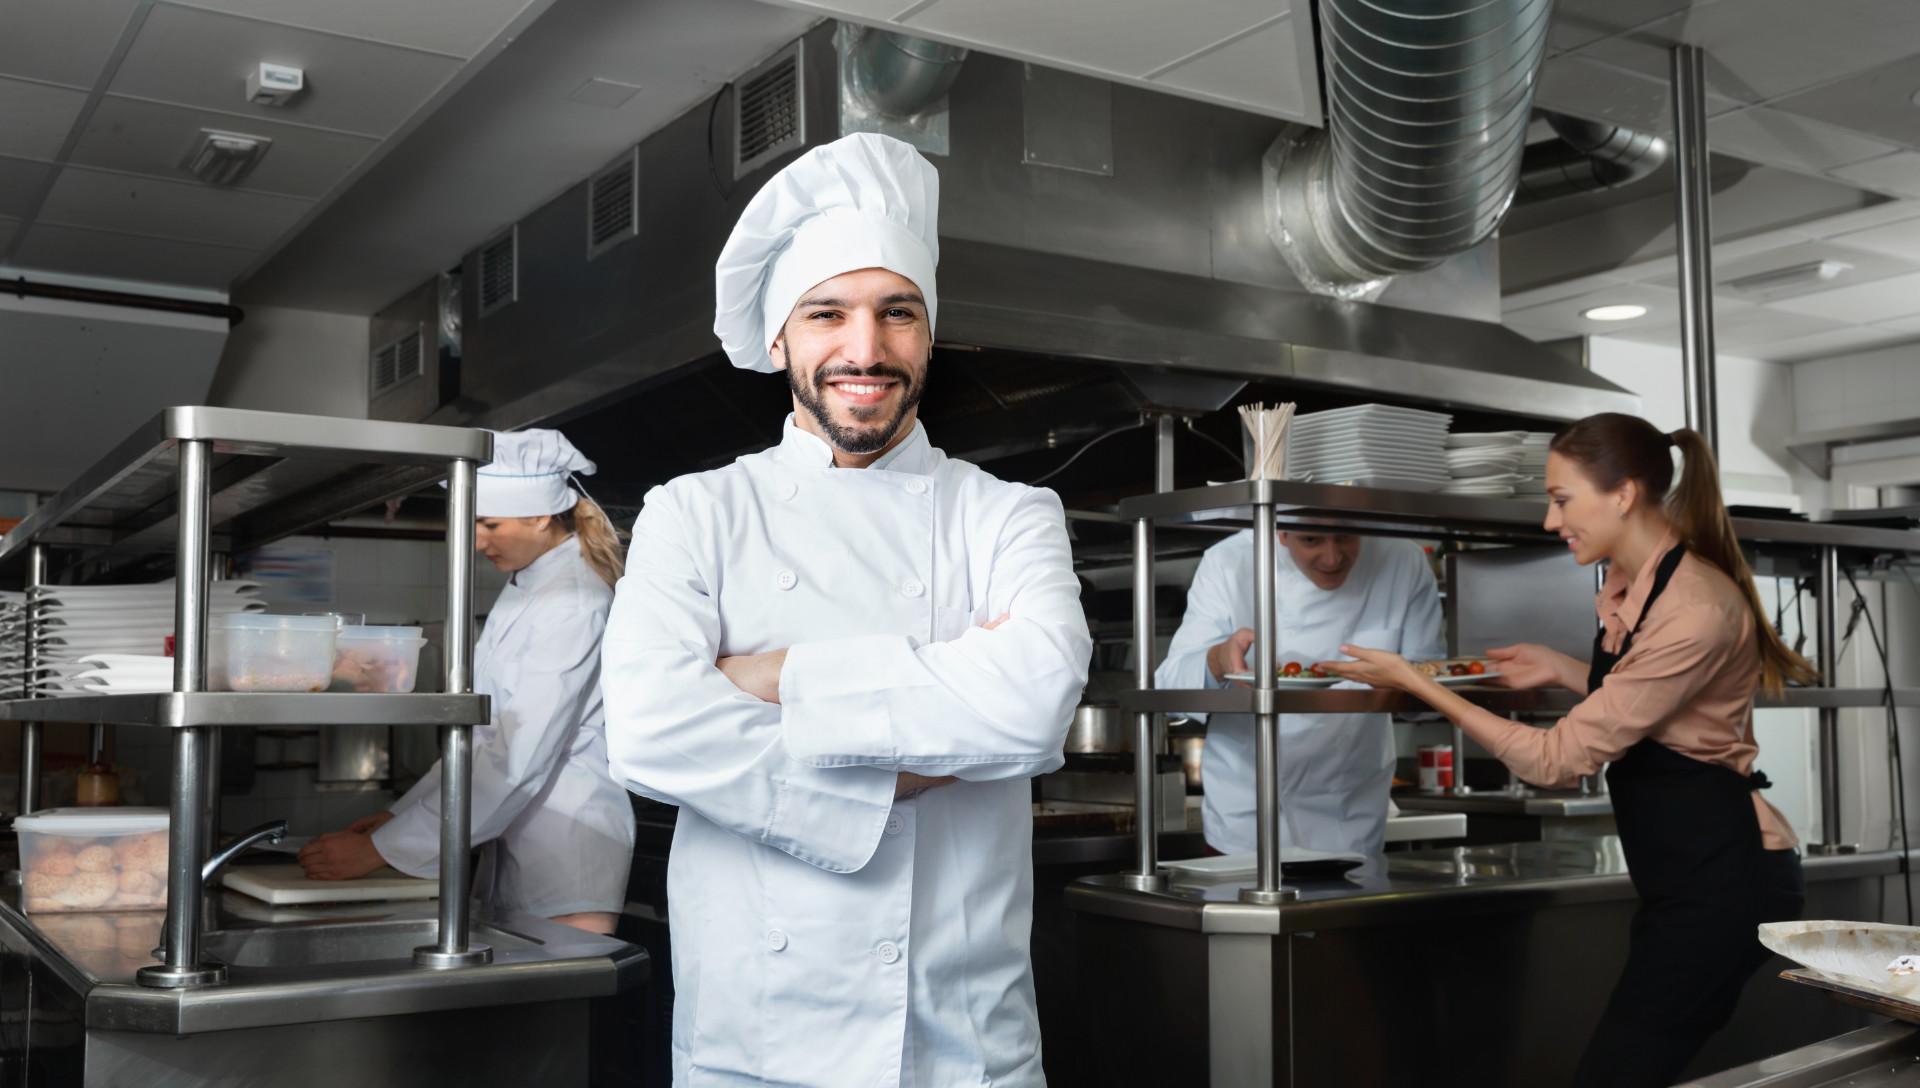 Empregados de copa para restaurantes e hotéis